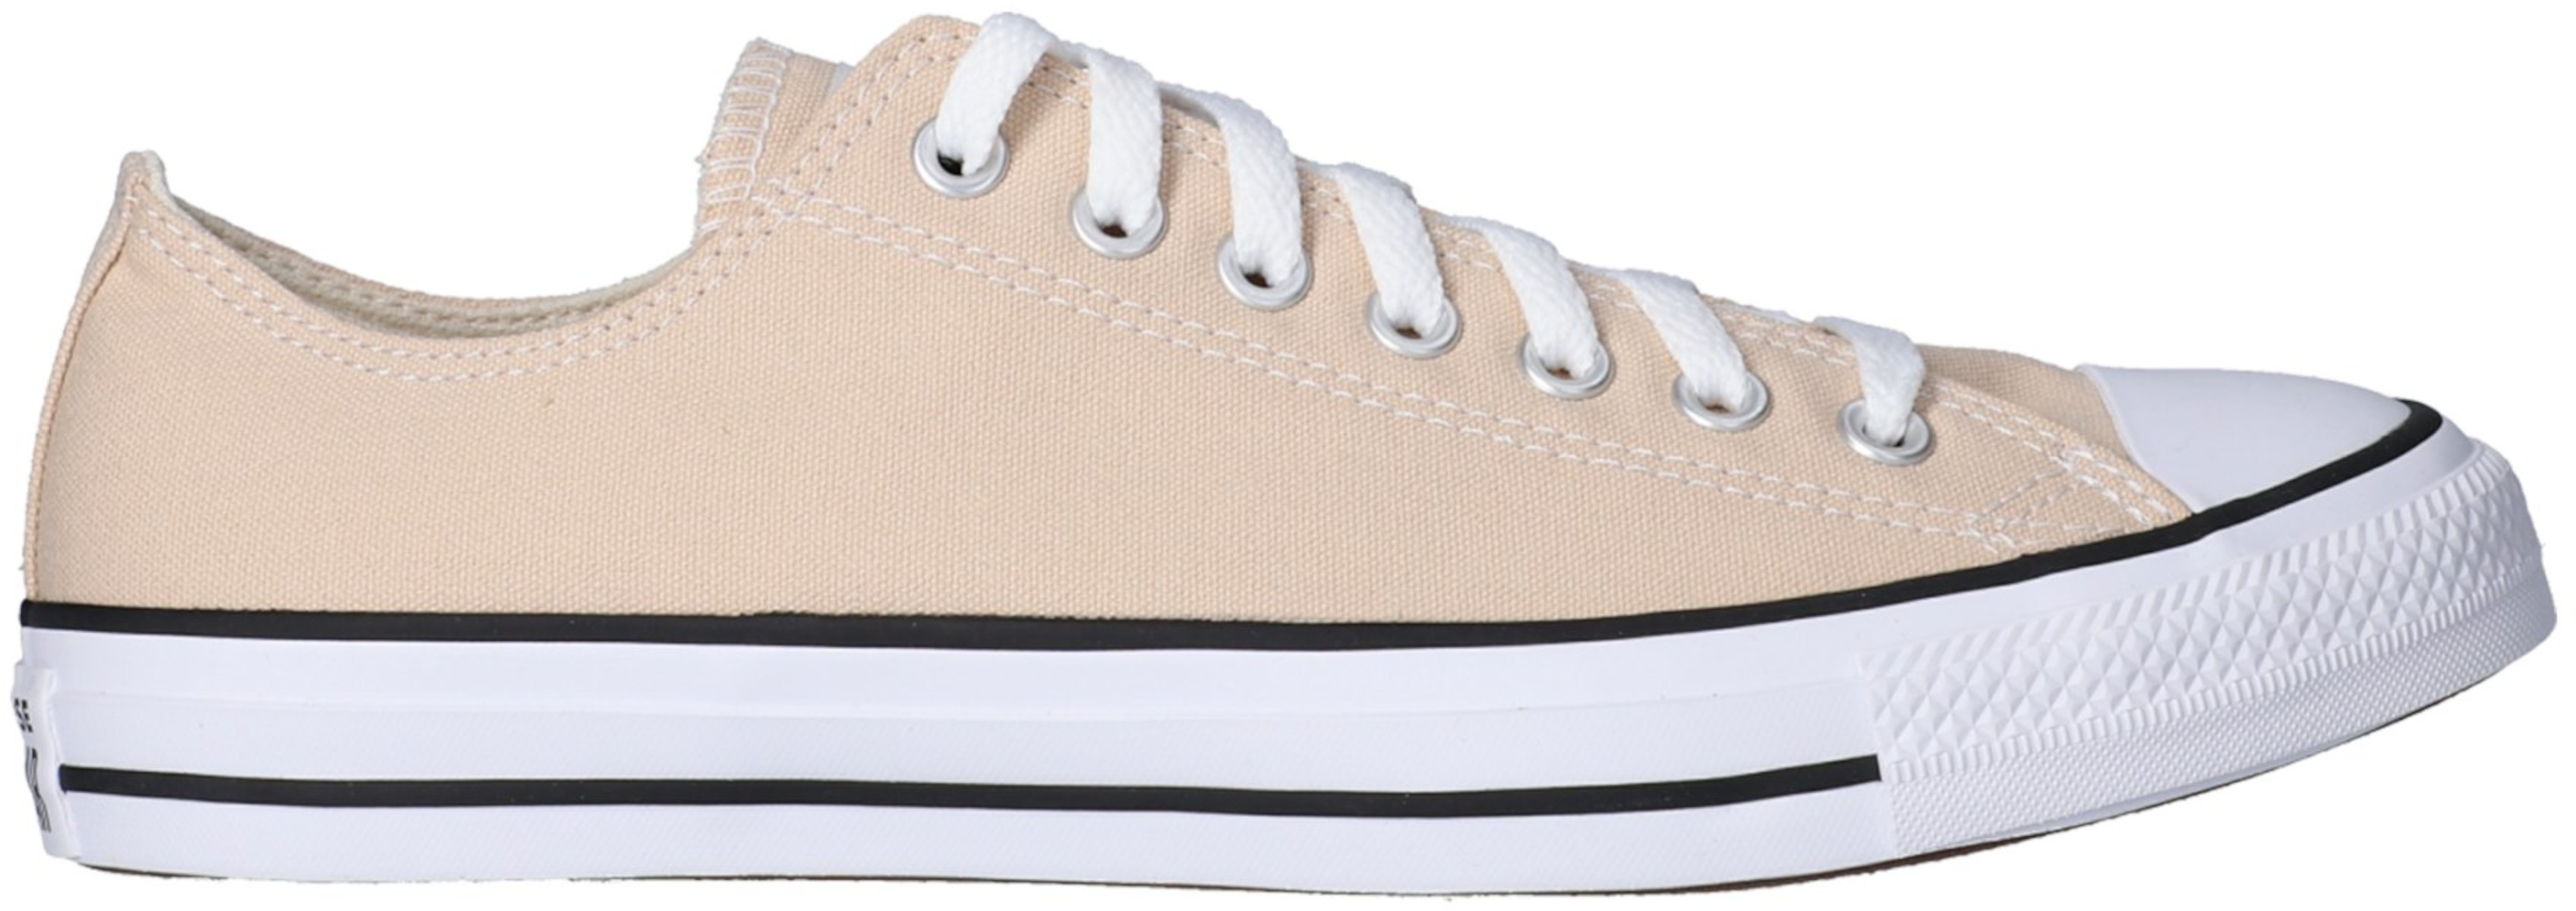 Obuv Converse chuck taylor all star ox sneaker